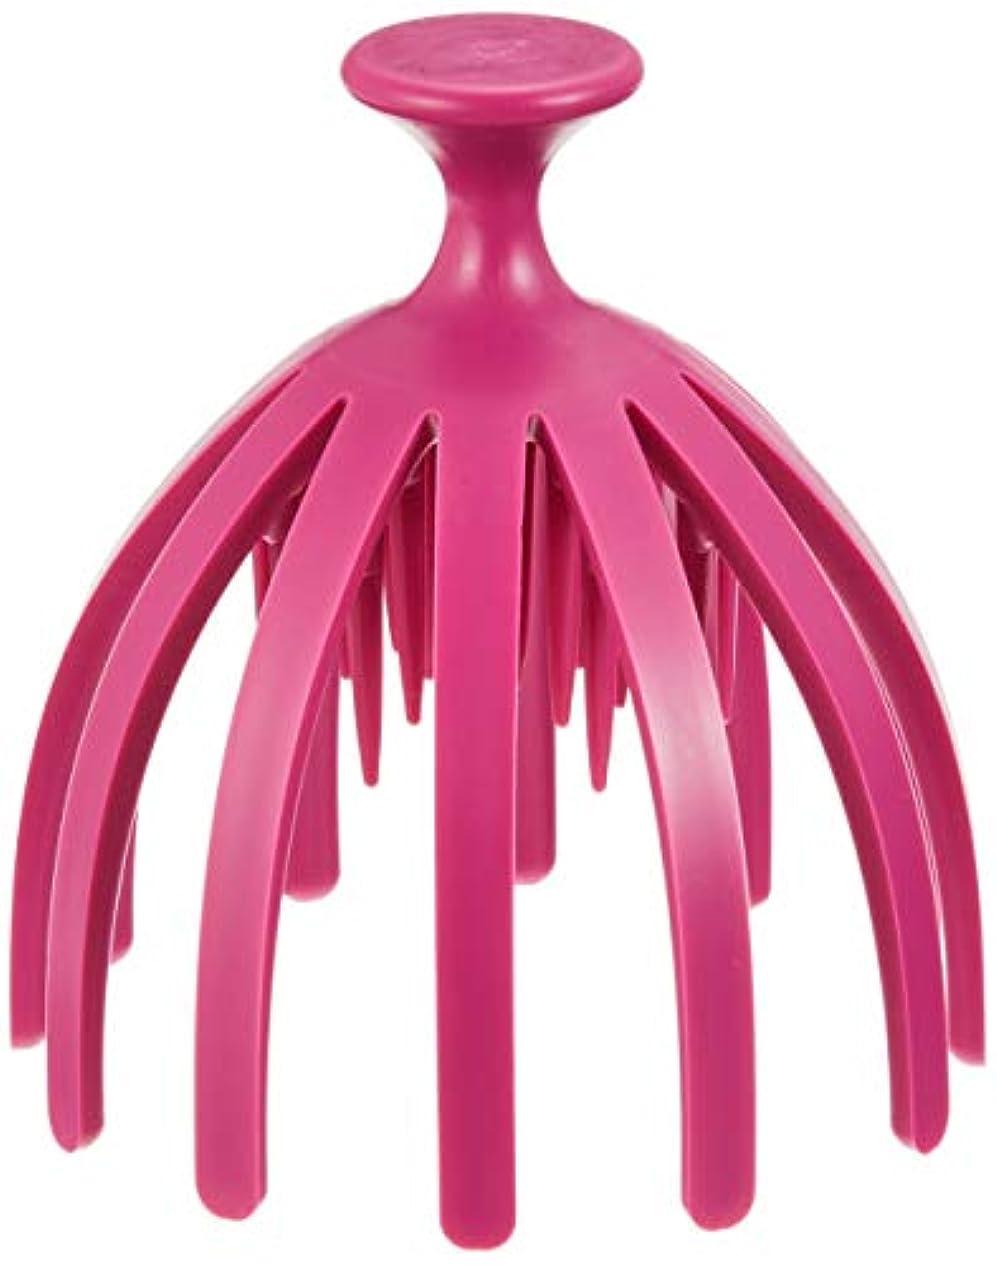 ヒントハンマー蓄積するツボスパヘッド限定ギフトパッケージ ピンク